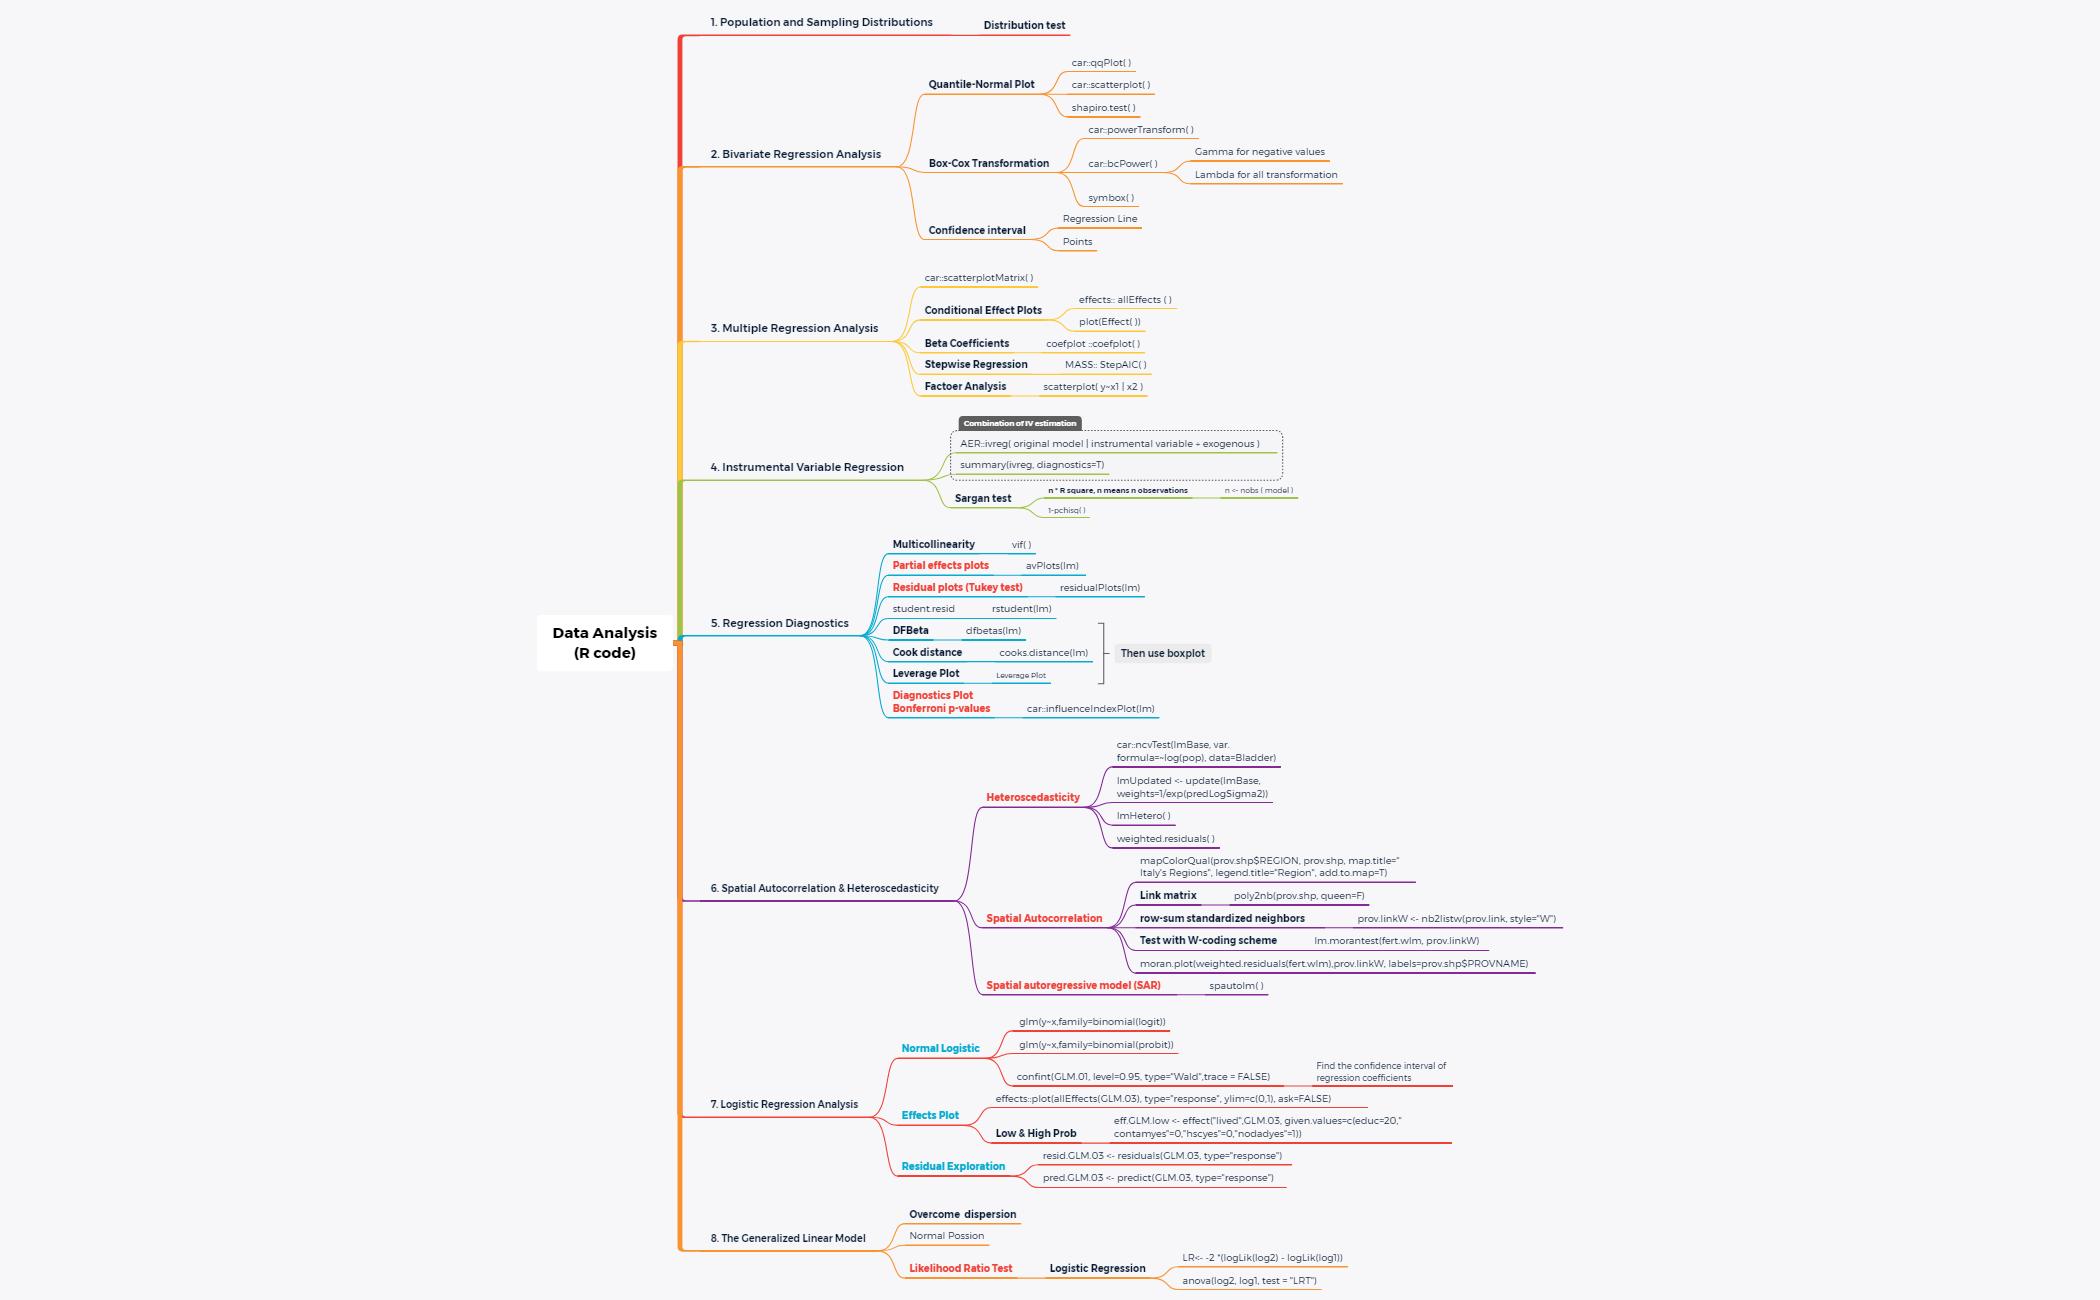 Data Analysis (R code)